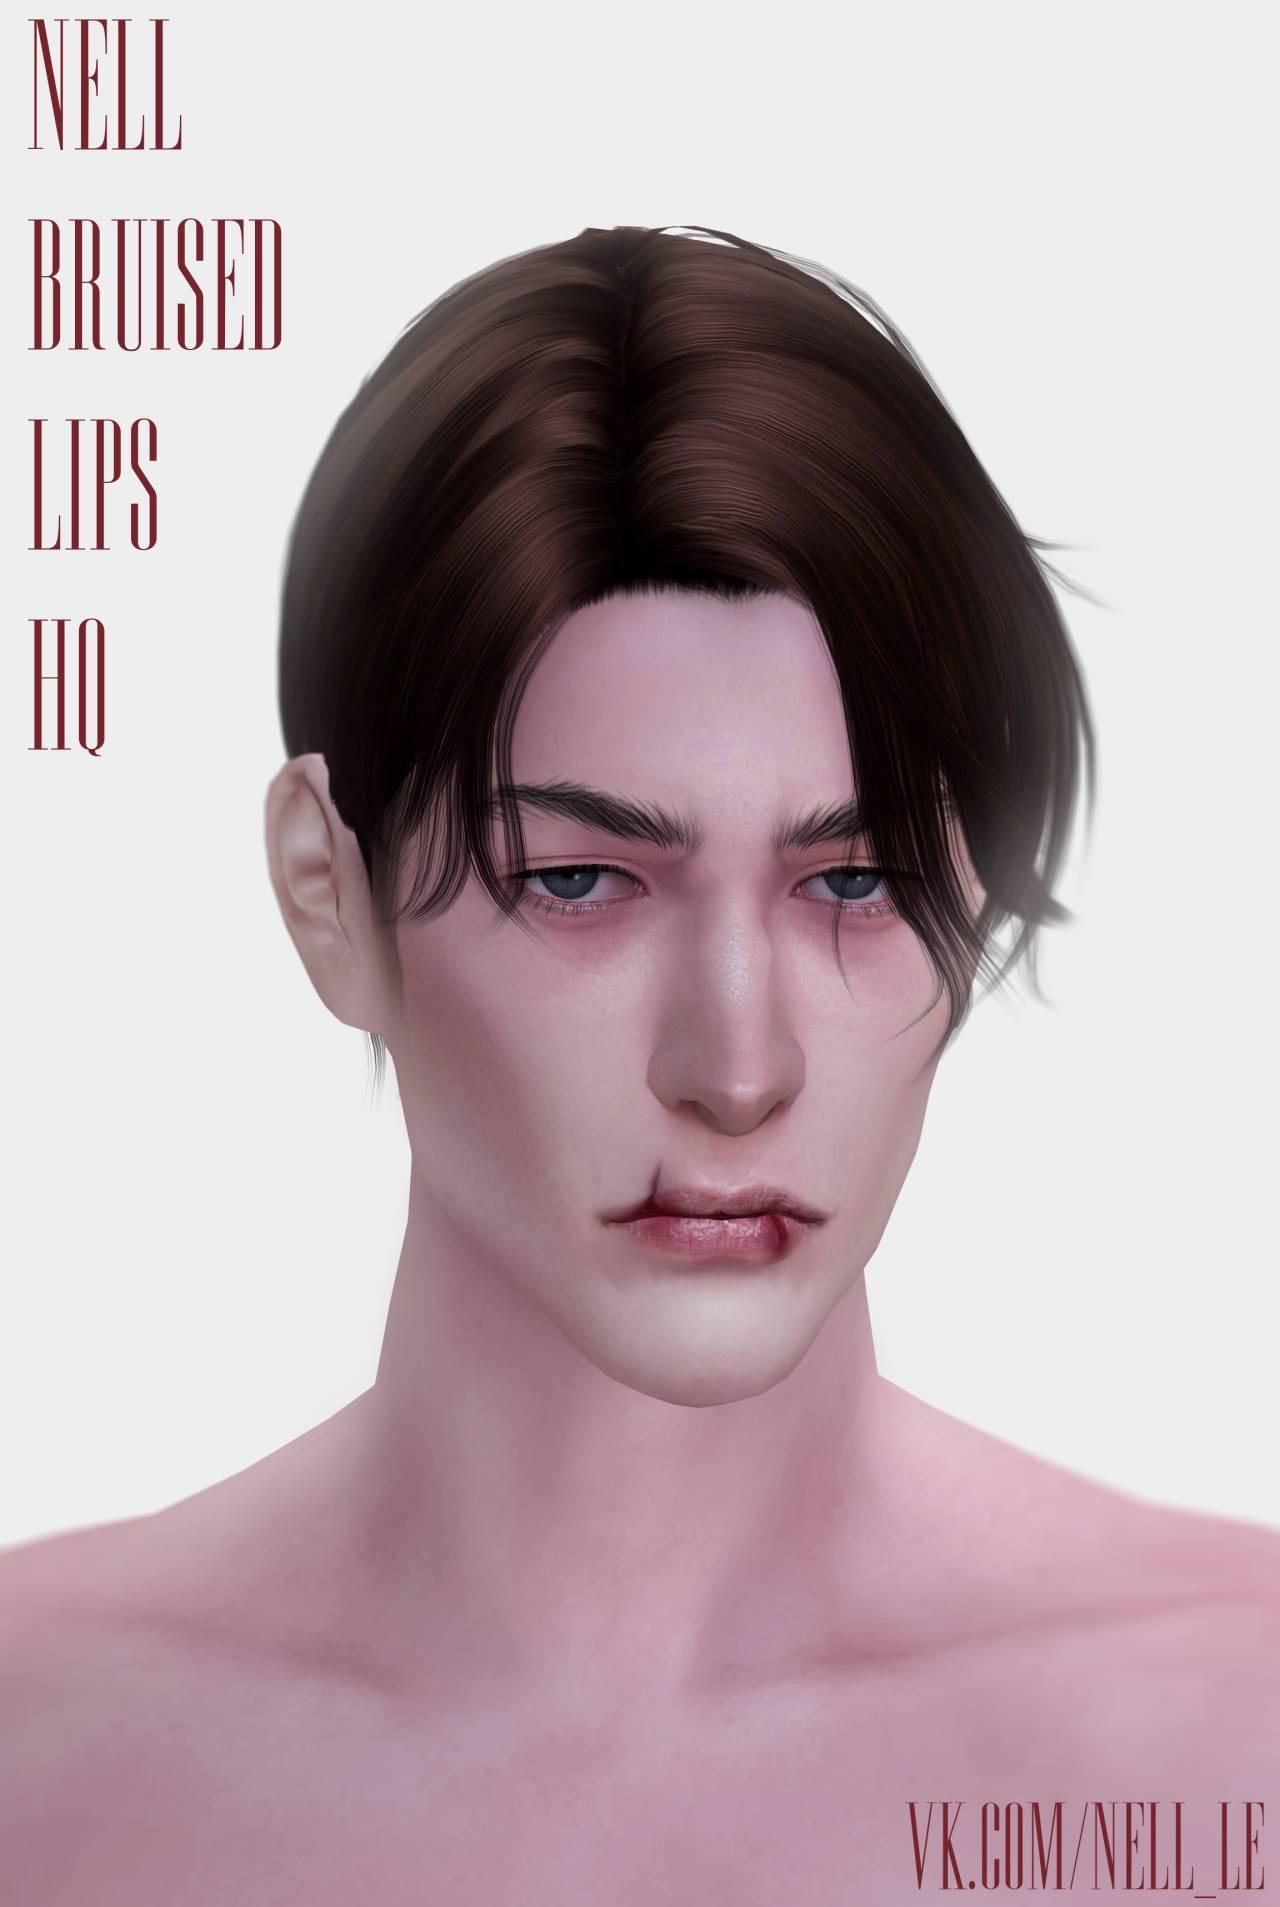 Набор шрамов - Bruised Lips